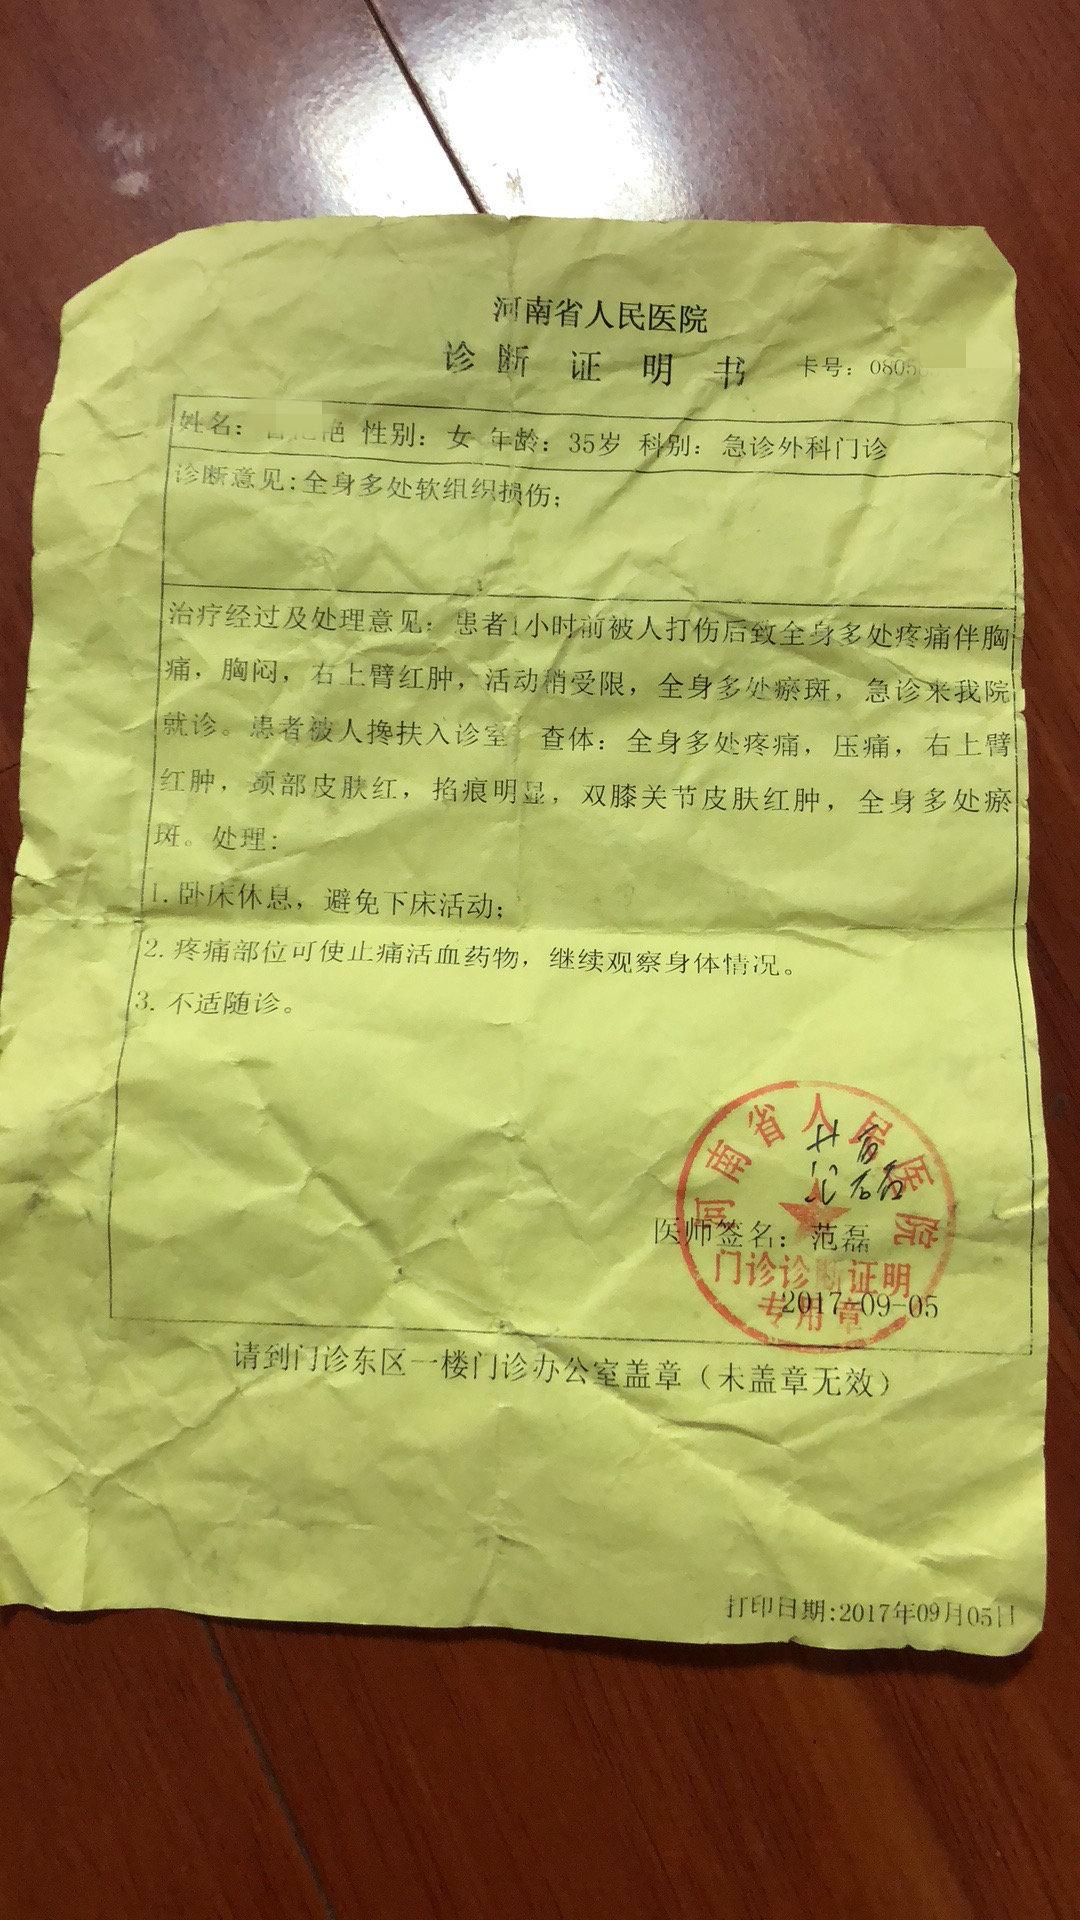 润妍出具的她遭冀学家暴住院治疗证据。